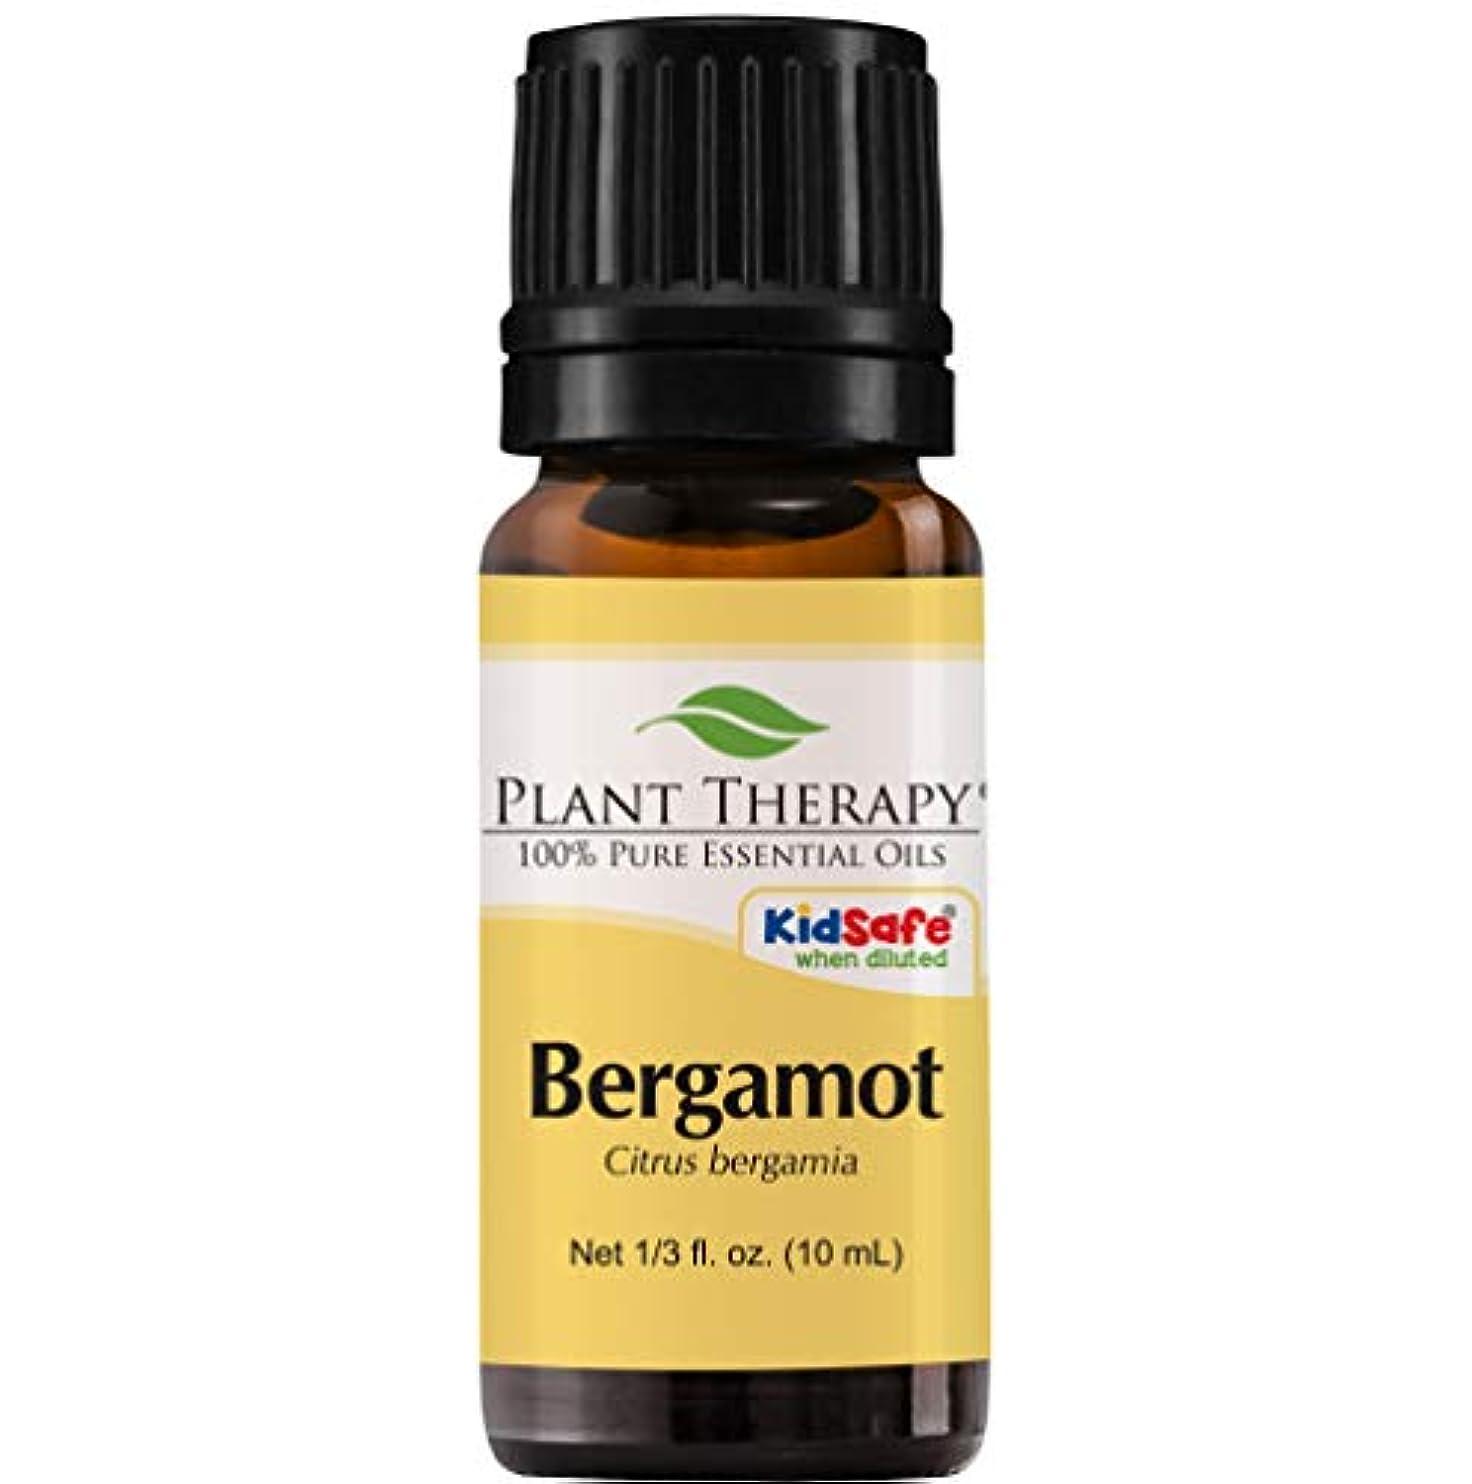 彼原点適合するPlant Therapy Essential Oils (プラントセラピー エッセンシャルオイル) ベルガモット エッセンシャルオイル